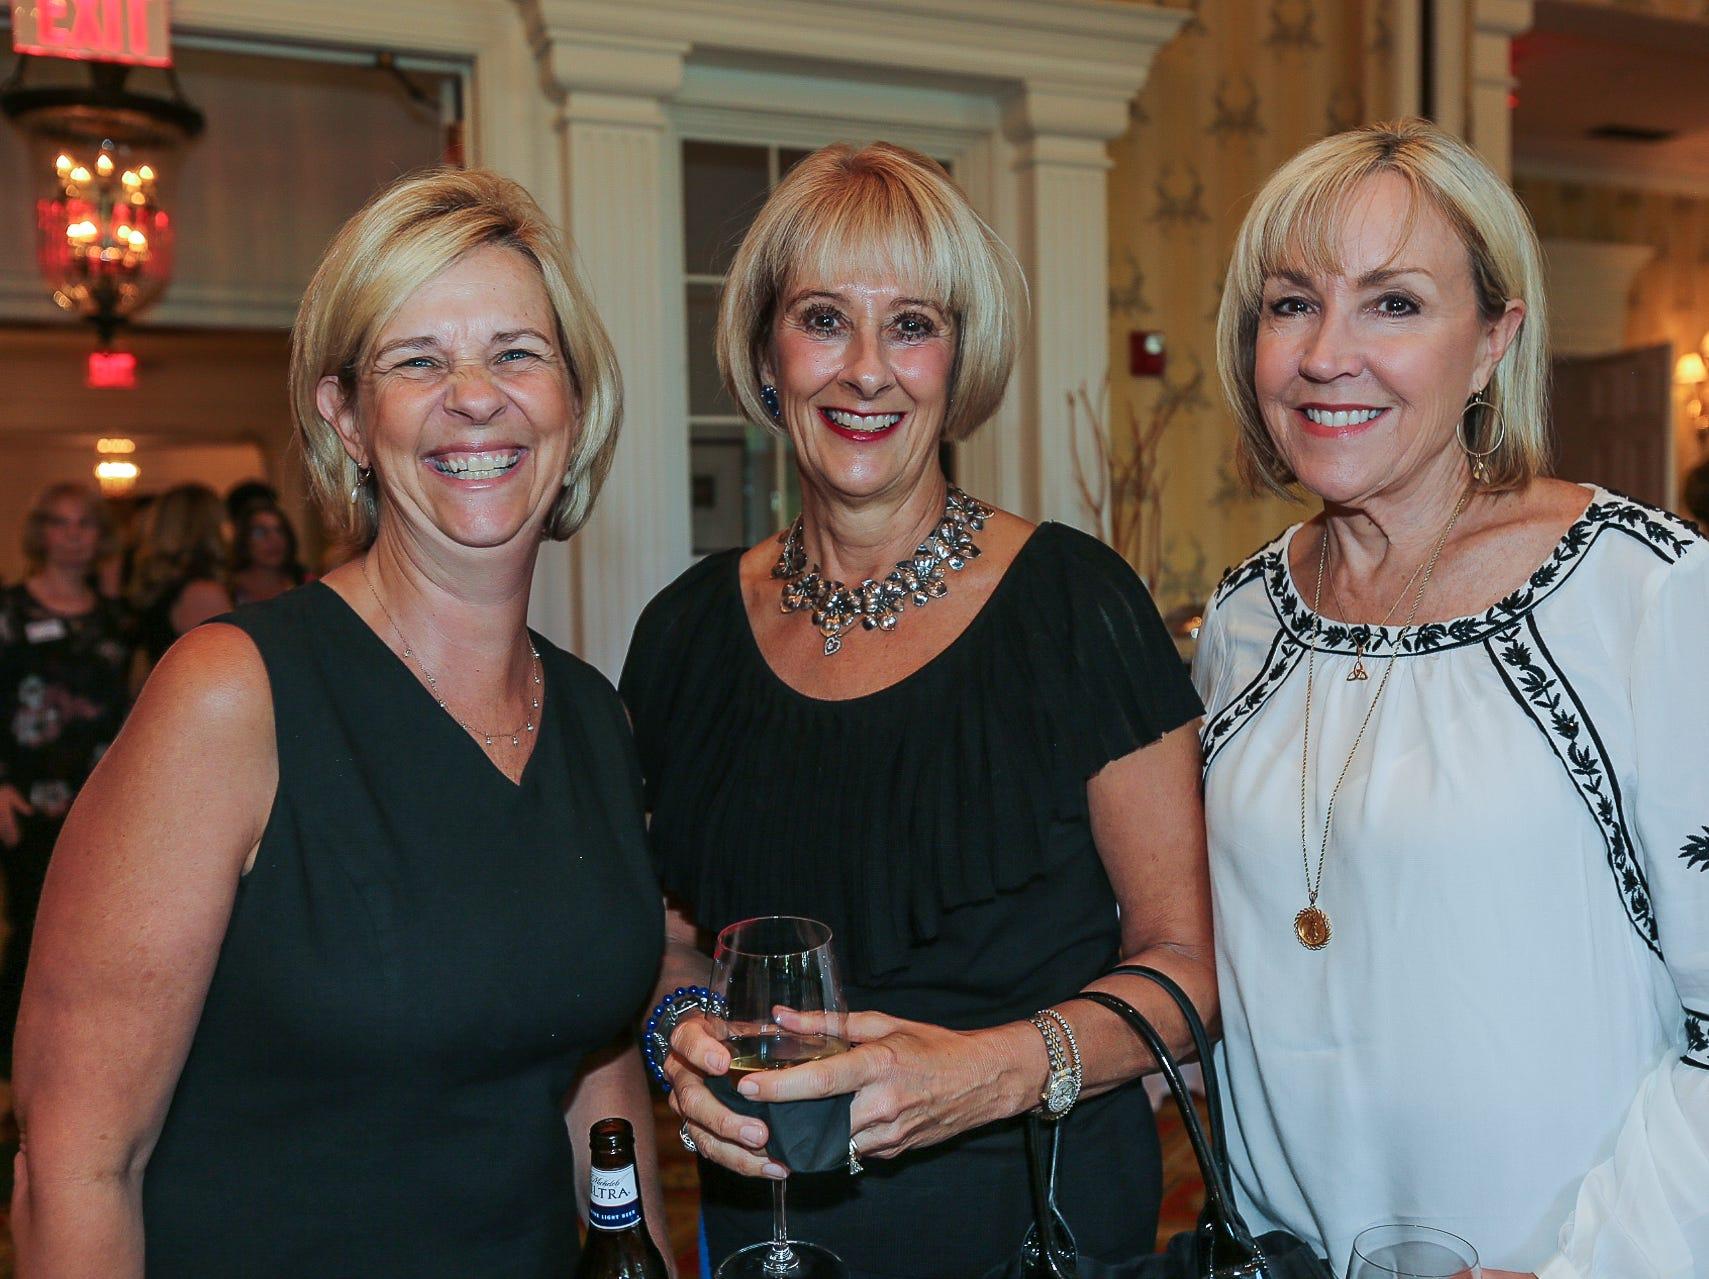 Amy Squires, Lynn Burk, and Cindy Hogan